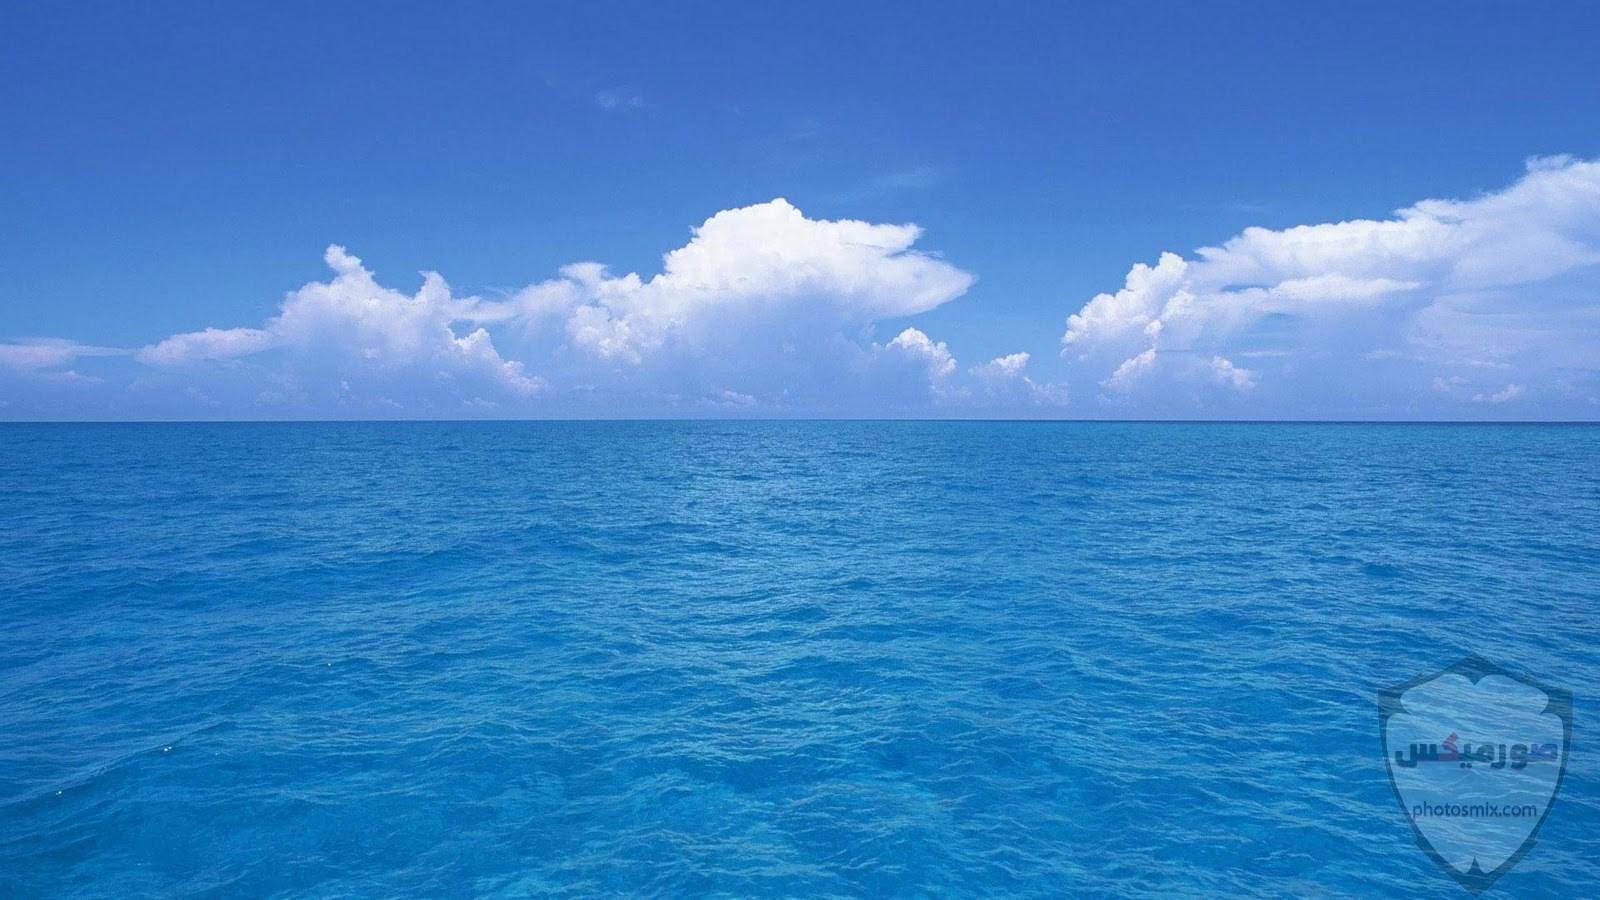 صور شواطئ جميلةصور بحار جميلةصور طبيعية 6